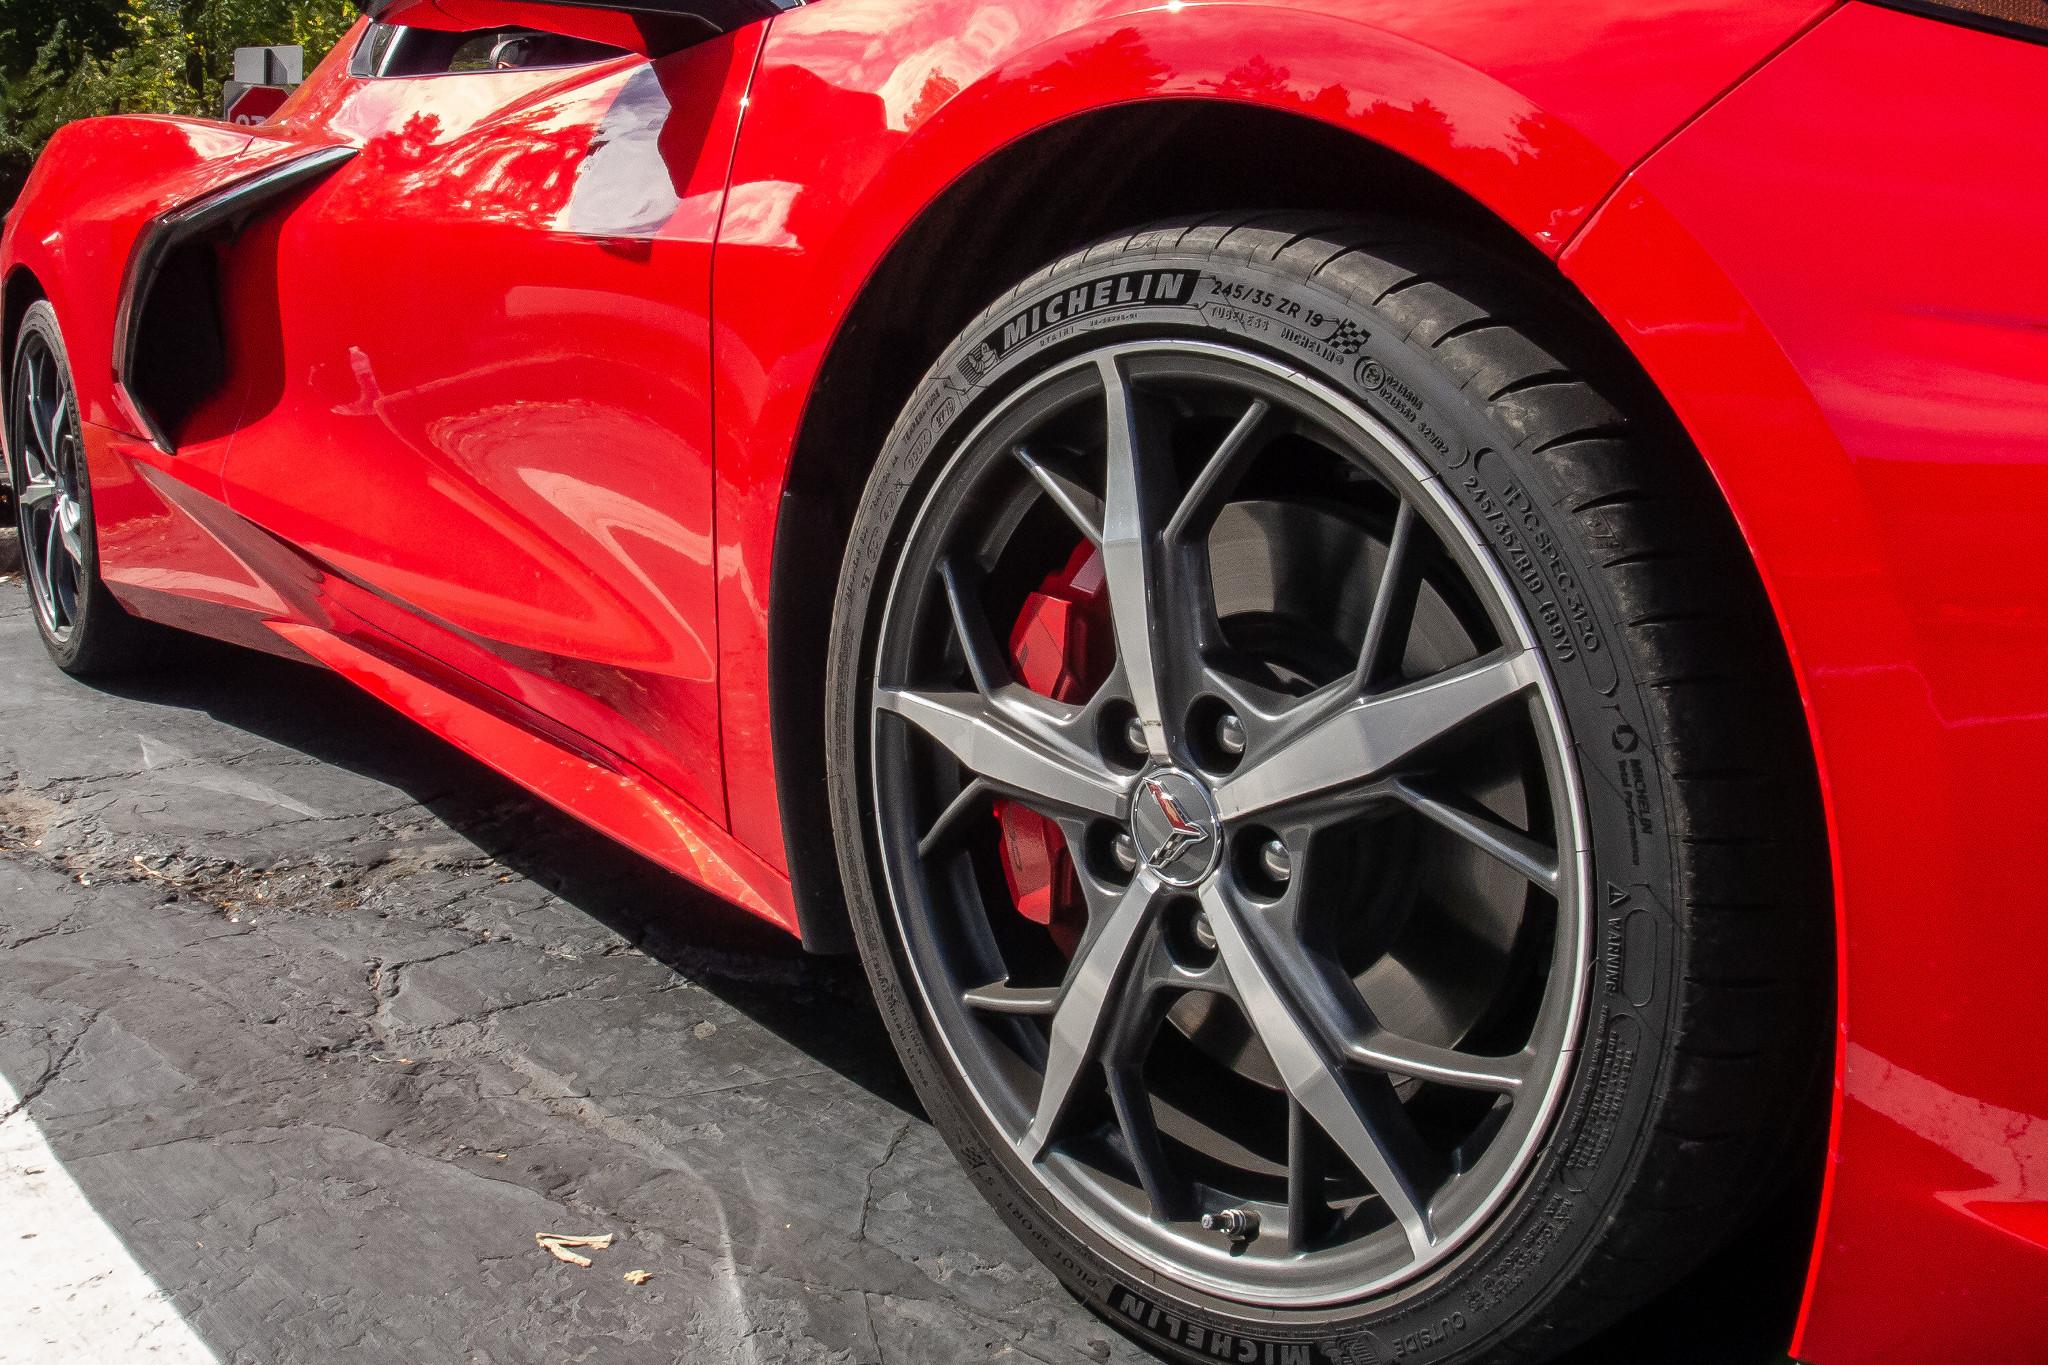 chevrolet-corvette-z51-2020-09-exterior--red--wheel.jpg